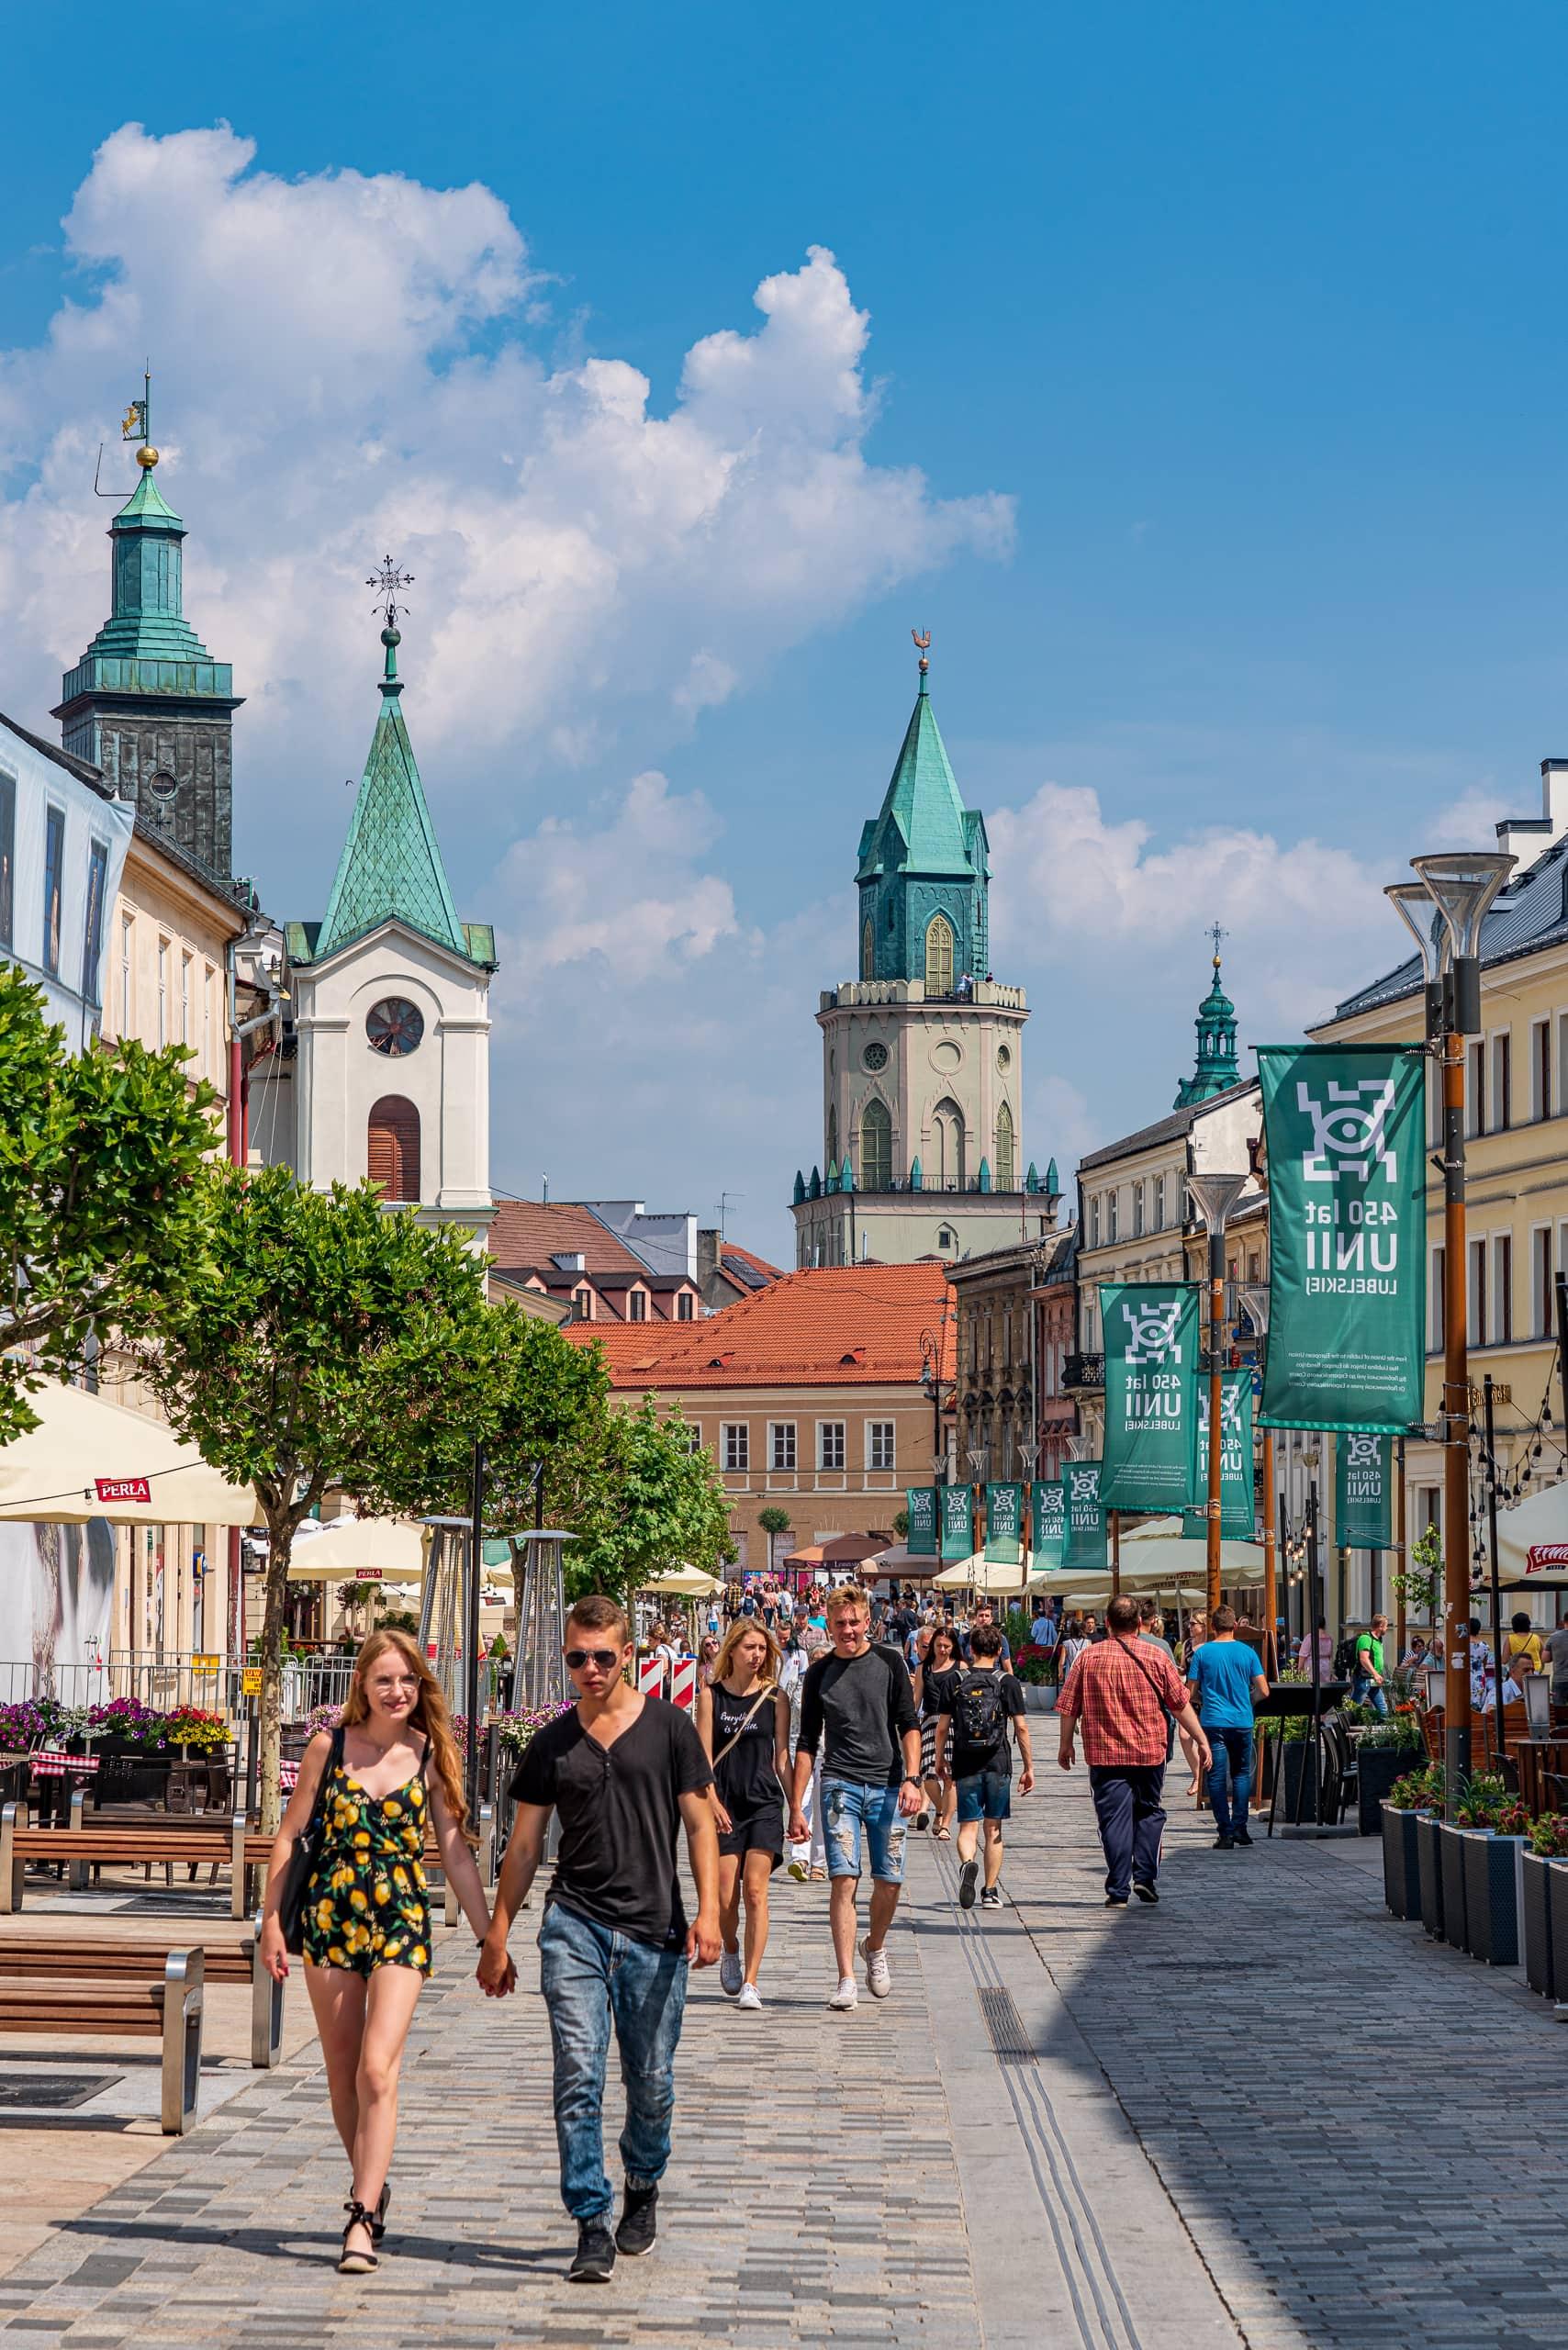 Krakowskie Przedmiescie | f/9 1/320sec ISO-100 80mm  | ILCE-7RM3 | 2019-06-26 12:33:30